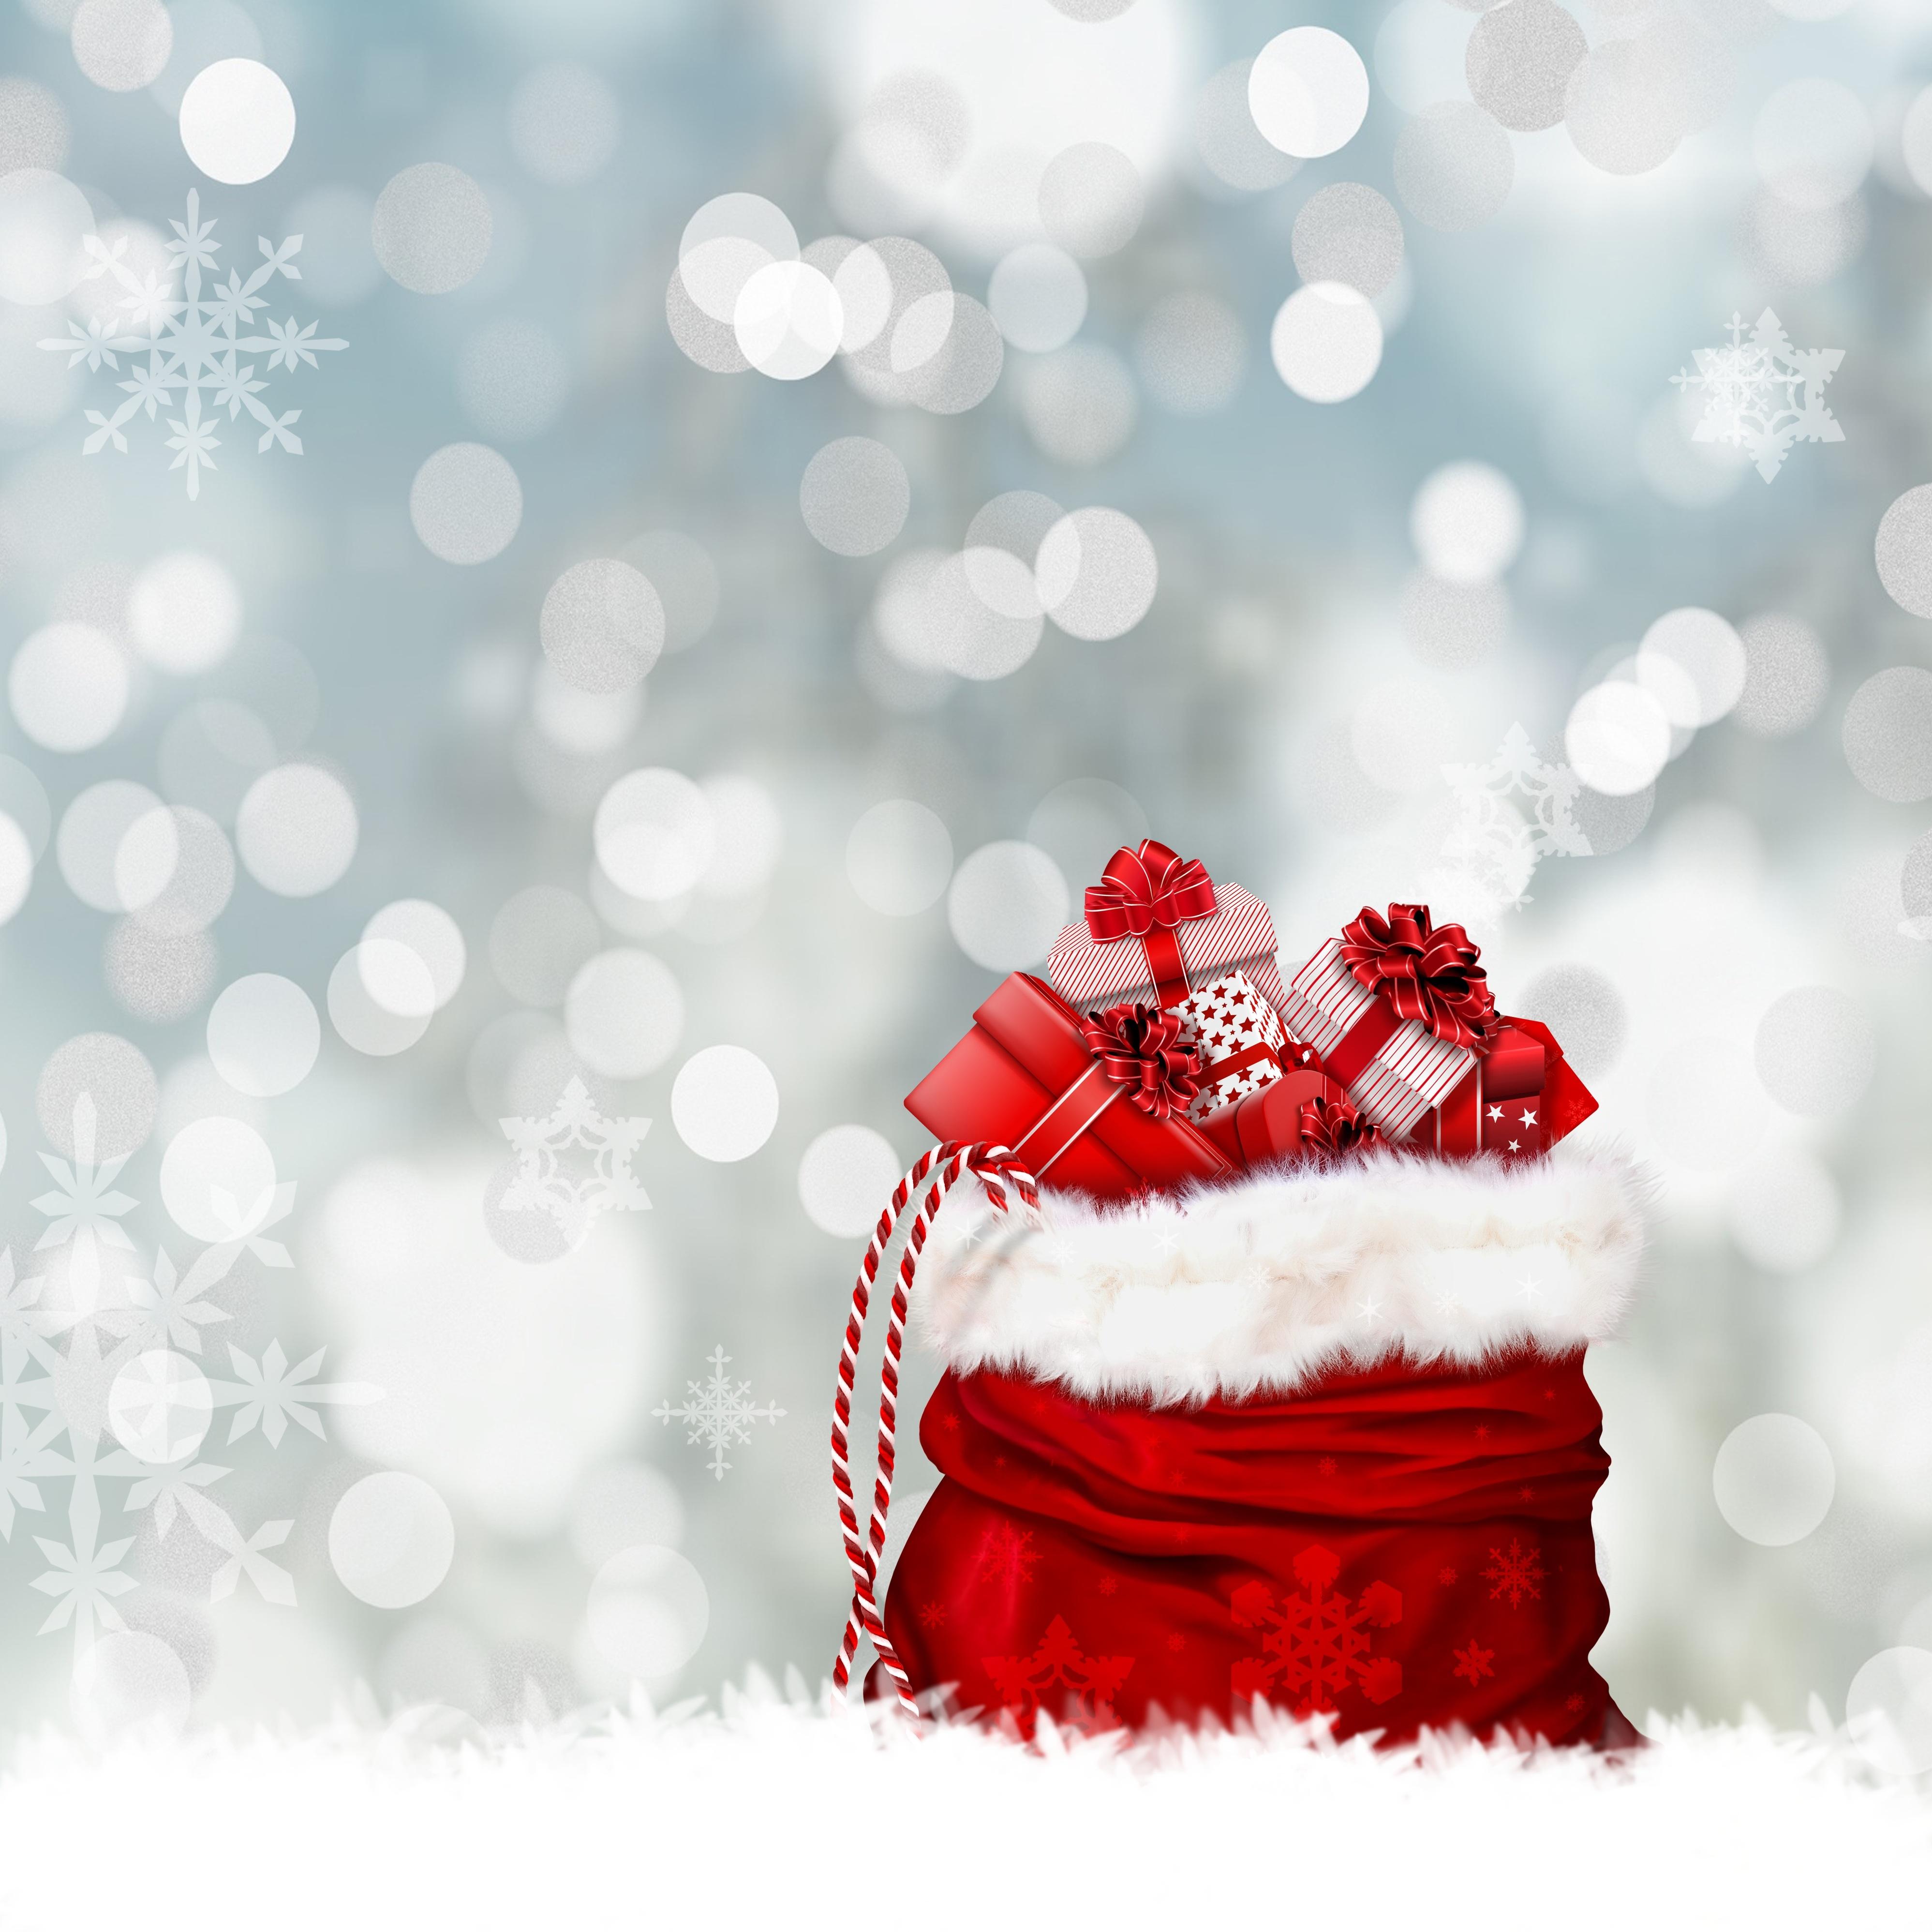 141418 скачать обои Праздники, Снежинки, Блики, Рождество, Новый Год, Подарки - заставки и картинки бесплатно